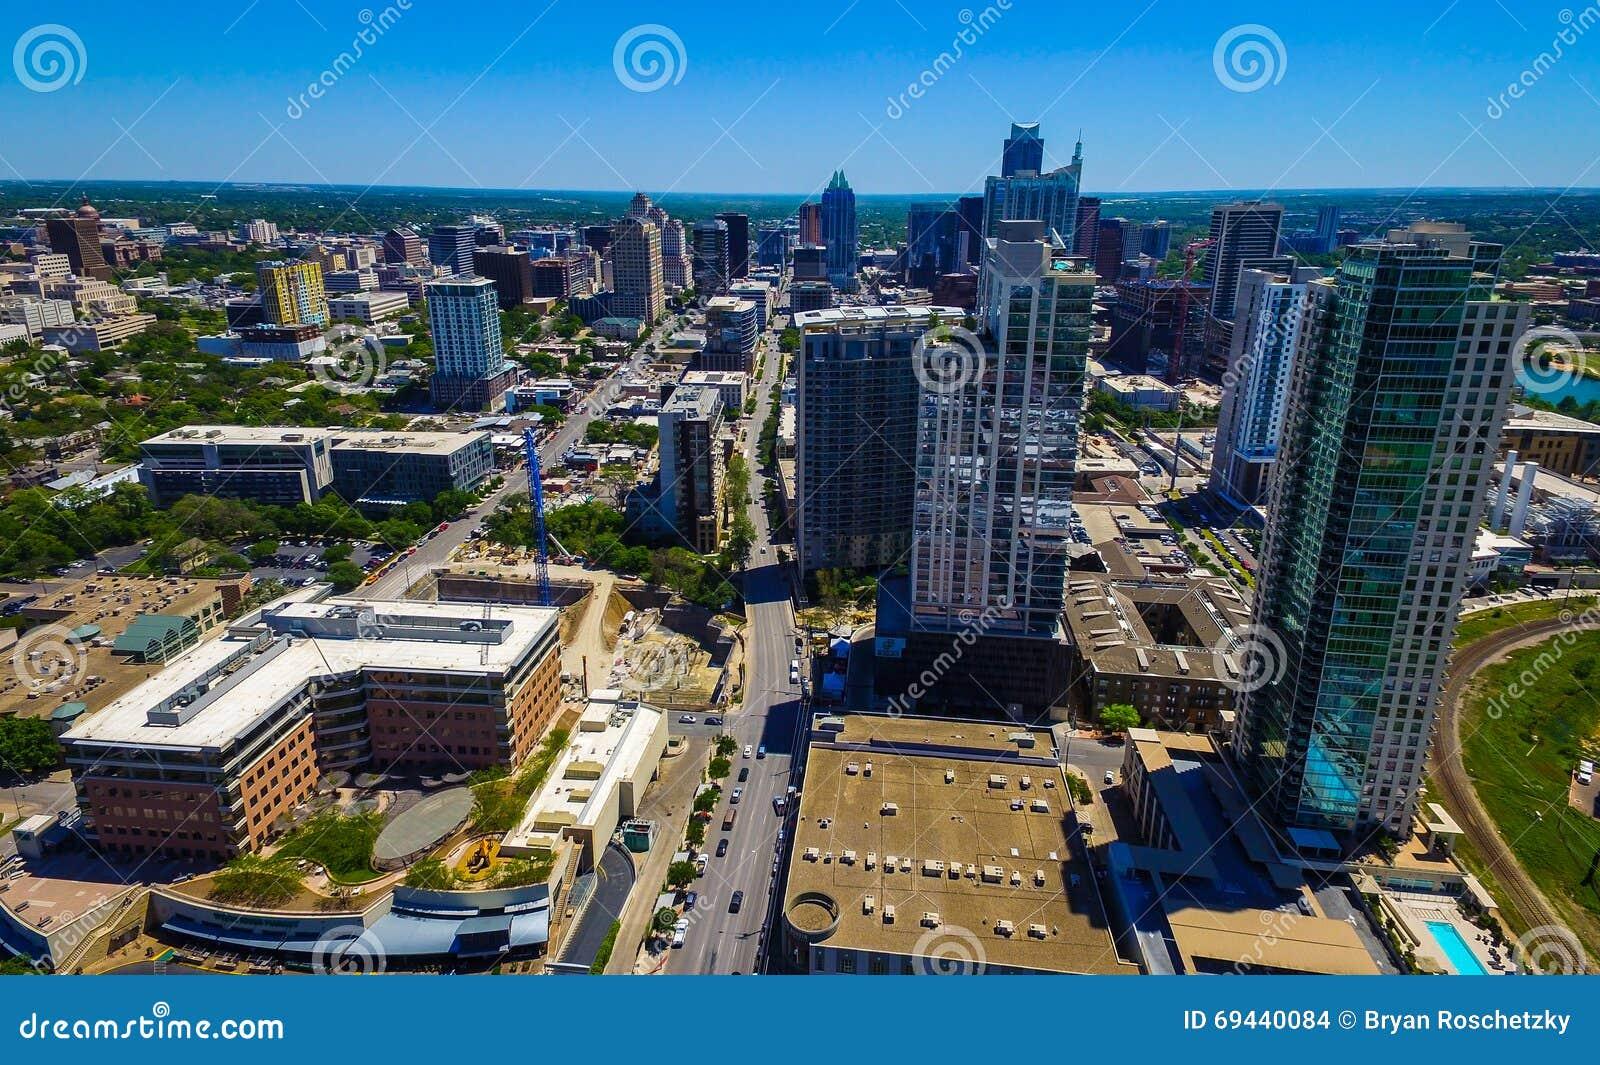 Flyg- Austin Texas i stadens centrum skyskrapor och frostbanken står högt i avståndet på en västra sida för trevlig dag som ser ö